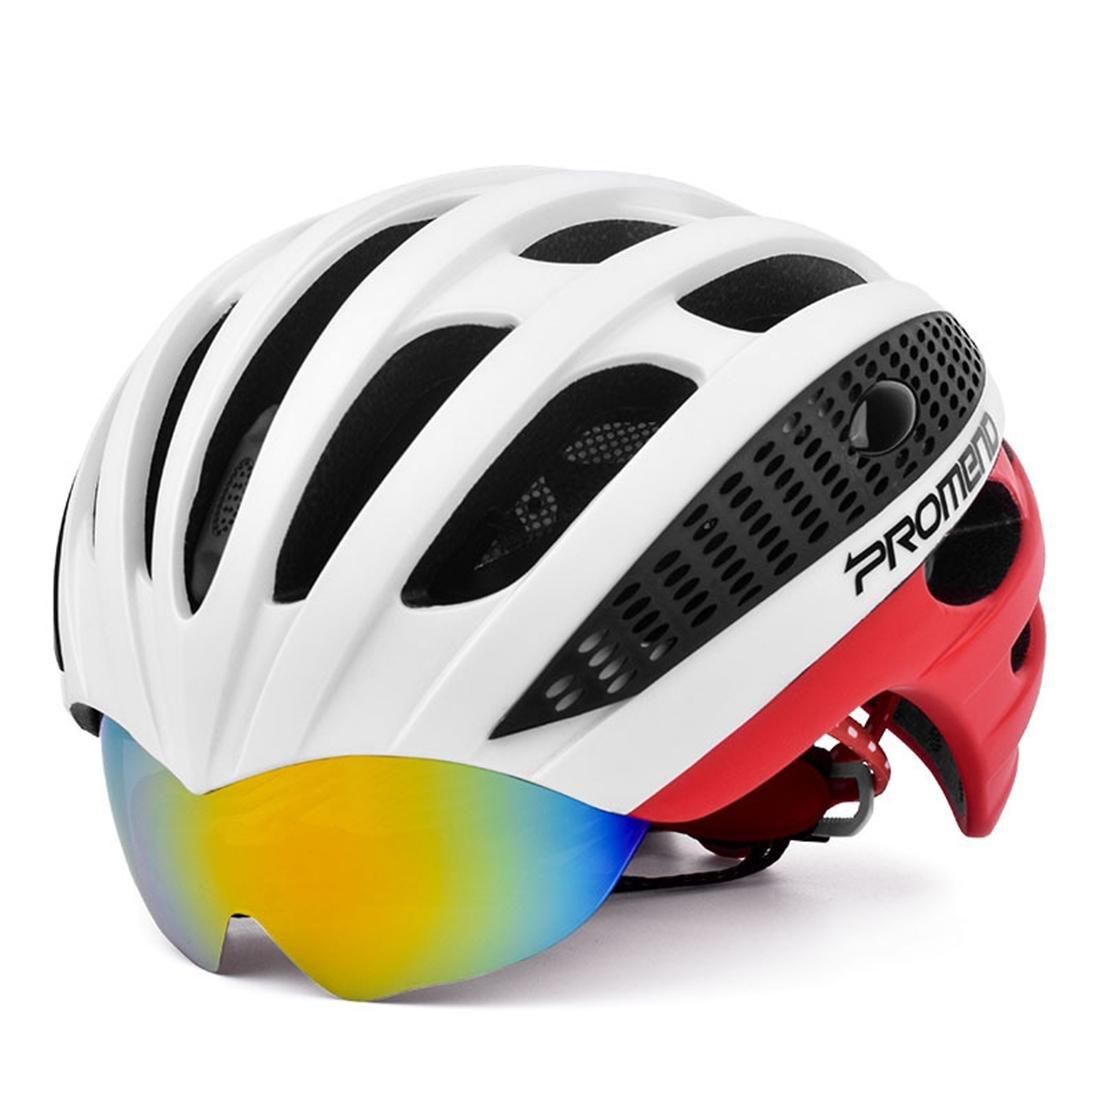 Erwachsenen Fahrrad Helm Mountainbike Helm Specialized für Radfahren Wandern Einstellbare Kopfumfang56-62 CM, 3 brille 2 kg